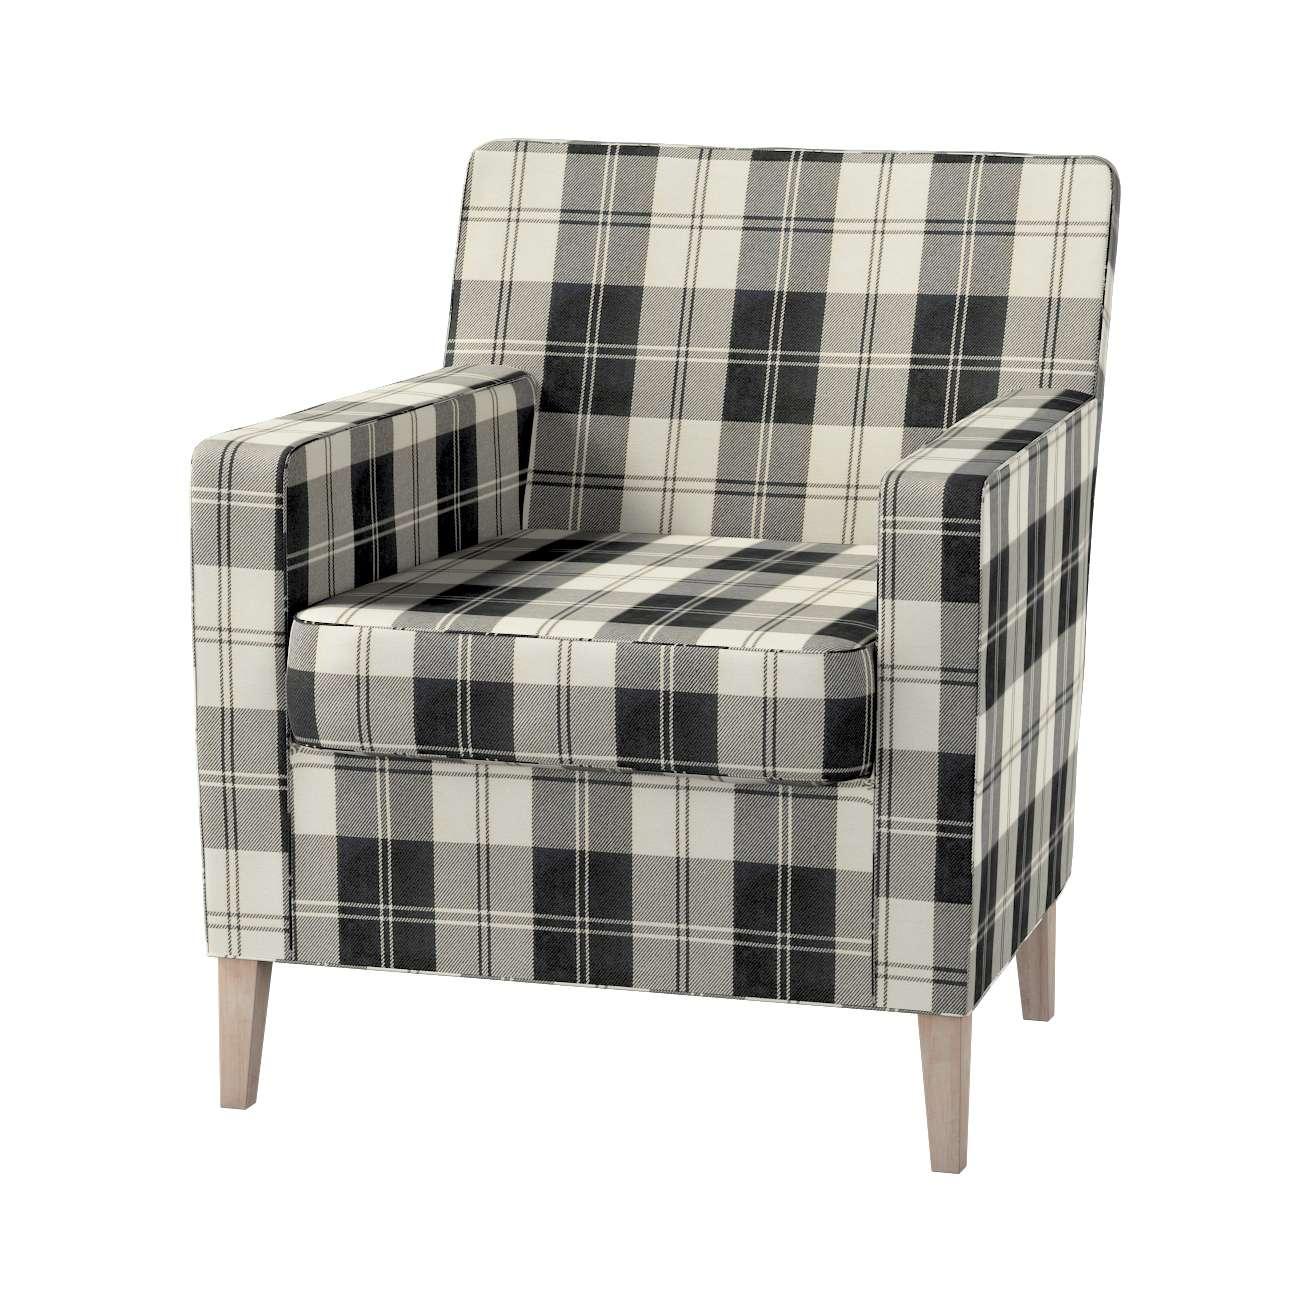 Pokrowiec na fotel Karlstad w kolekcji Edinburgh, tkanina: 115-74